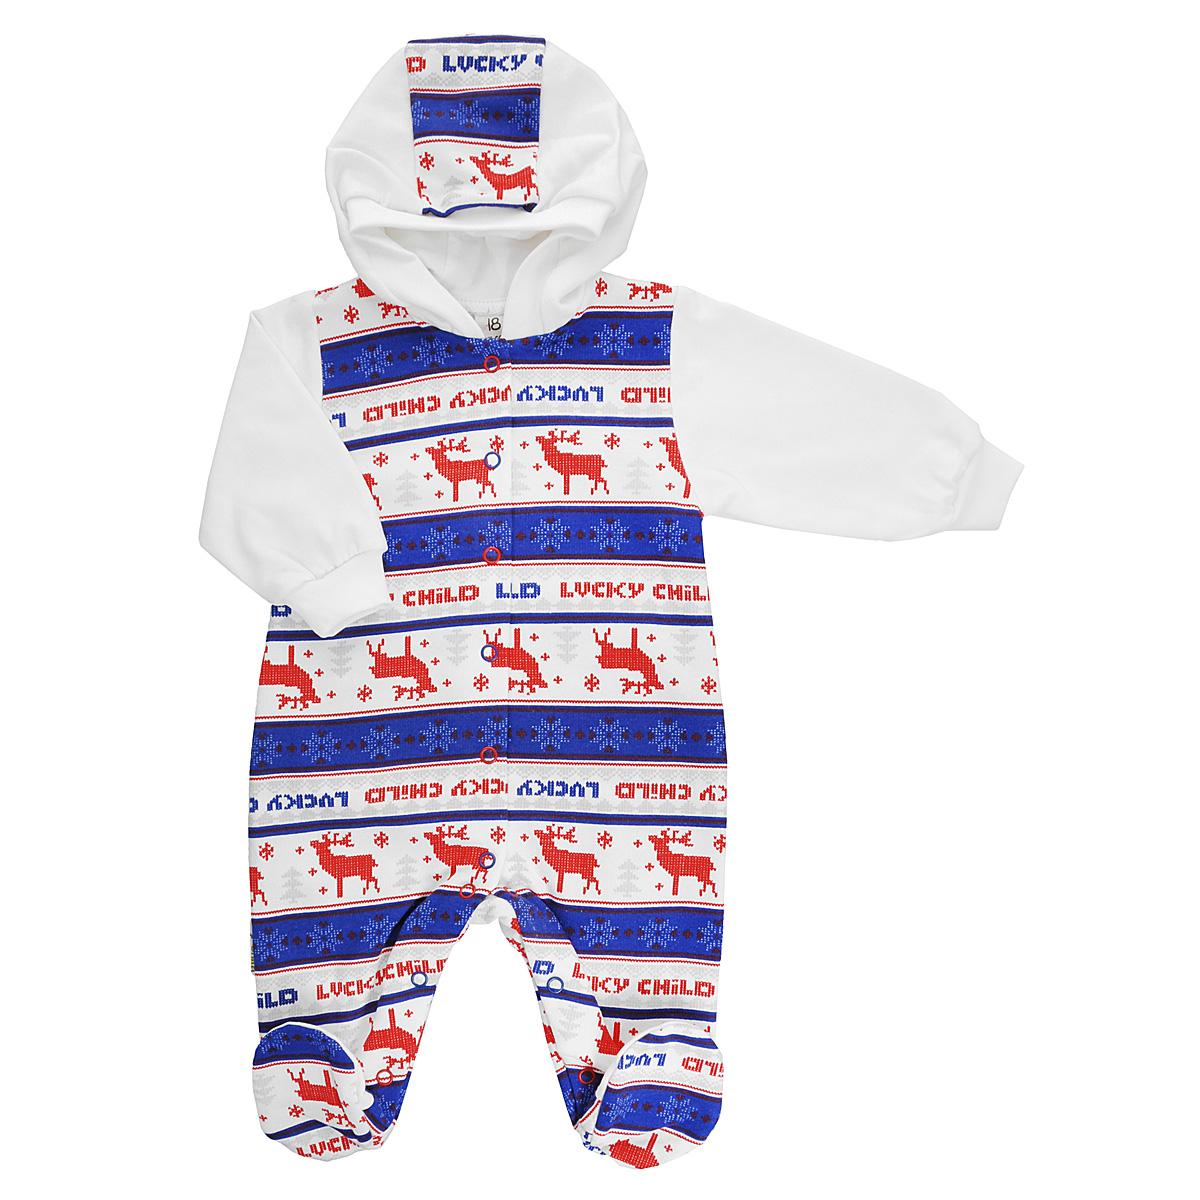 Комбинезон детский Lucky Child, цвет: молочный, синий, красный. 10-3. Размер 62/6810-3Детский комбинезон Lucky Child - очень удобный и практичный вид одежды для малышей. Комбинезон выполнен из натурального хлопка, благодаря чему он необычайно мягкий и приятный на ощупь, не раздражает нежную кожу ребенка и хорошо вентилируется, а эластичные швы приятны телу малыша и не препятствуют его движениям. Лицевая сторона гладкая, а изнаночная - с мягким теплым начесом. Комбинезон с капюшоном, длинными рукавами и закрытыми ножками имеет застежки-кнопки от горловины до щиколоток, которые помогают легко переодеть младенца или сменить подгузник. Рукава дополнены широкими трикотажными манжетами, не сжимающими запястья ребенка. Оформлена модель модным скандинавским принтом. С детским комбинезоном Lucky Child спинка и ножки вашего малыша всегда будут в тепле, он идеален для использования днем и незаменим ночью. Комбинезон полностью соответствует особенностям жизни младенца в ранний период, не стесняя и не ограничивая его в движениях!